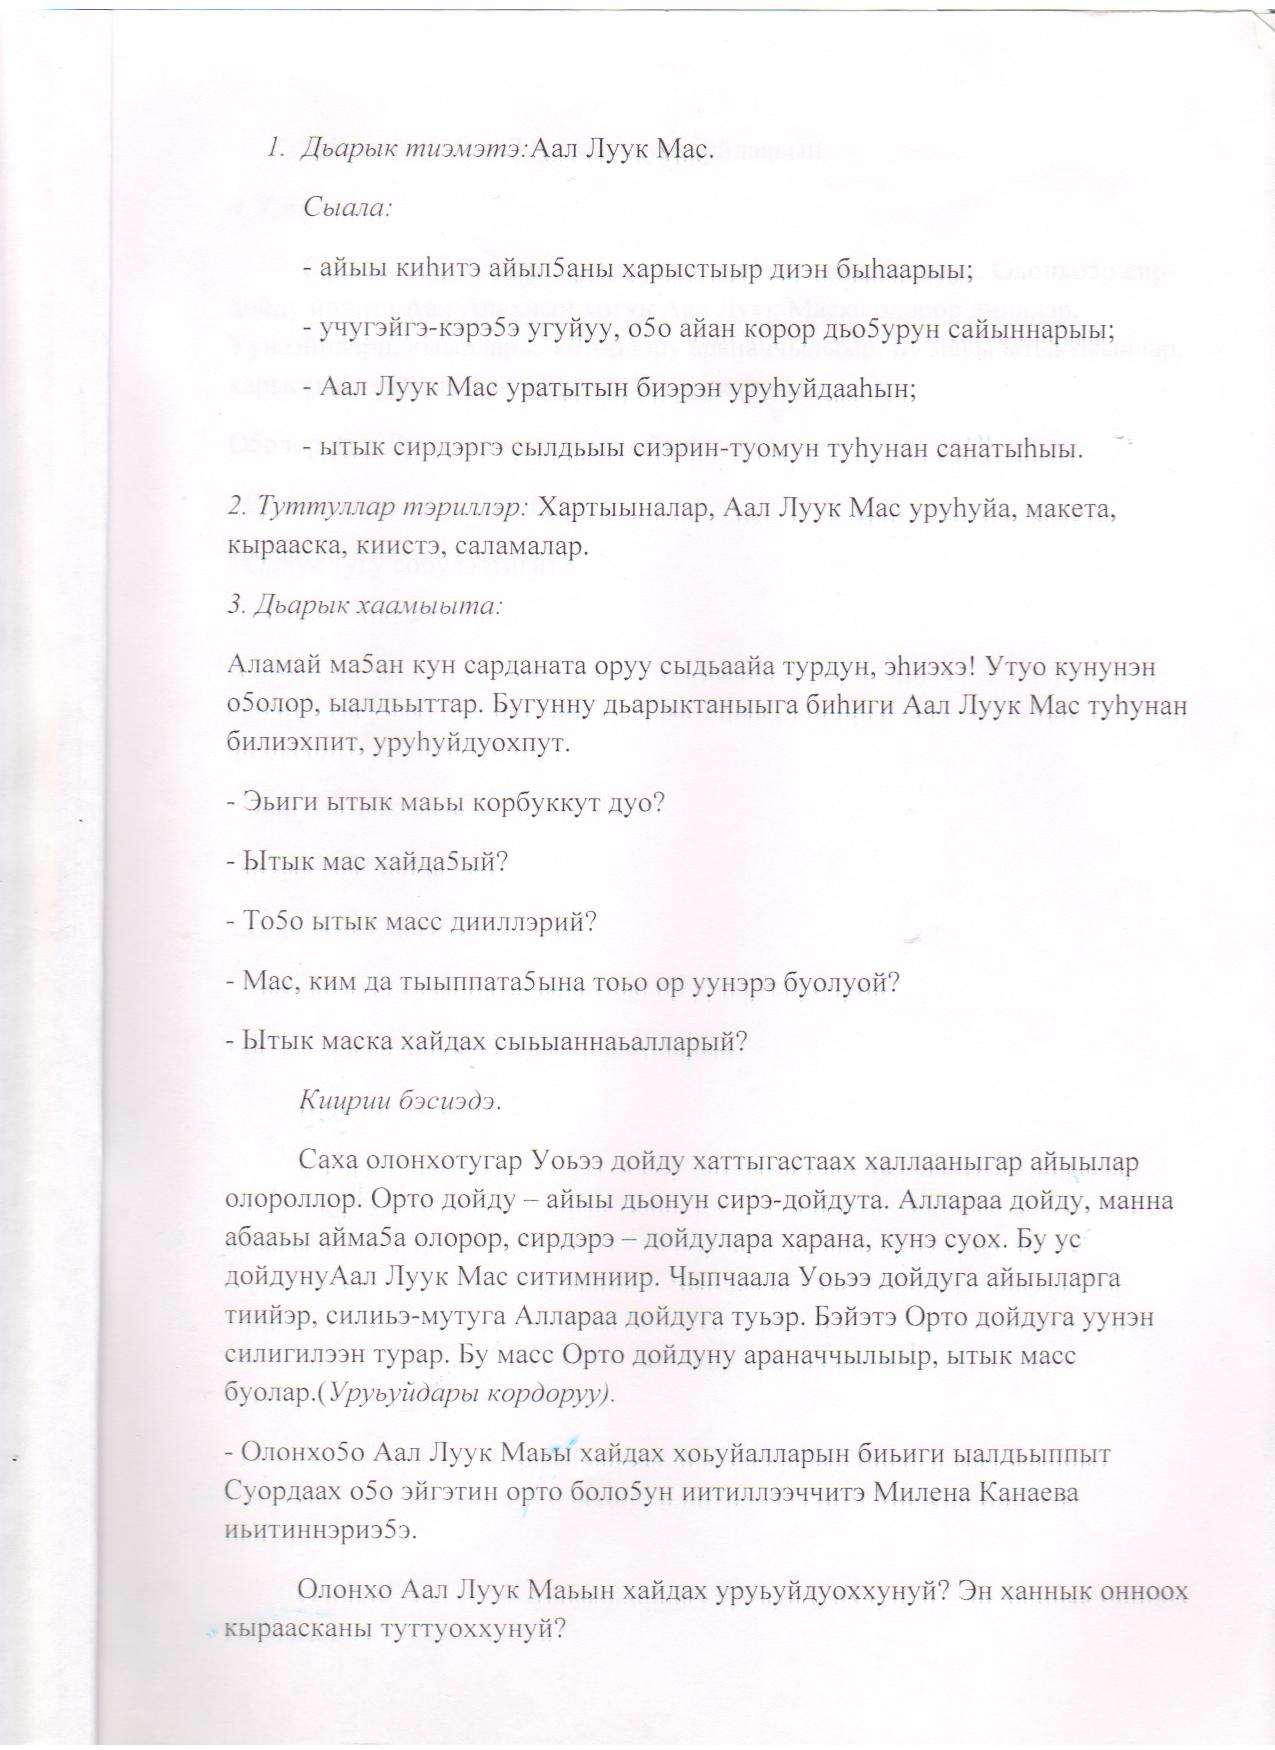 C:\Users\ученик\Desktop\Слепцова М.М\Новая папка\Слепцова М.М. 022.jpg